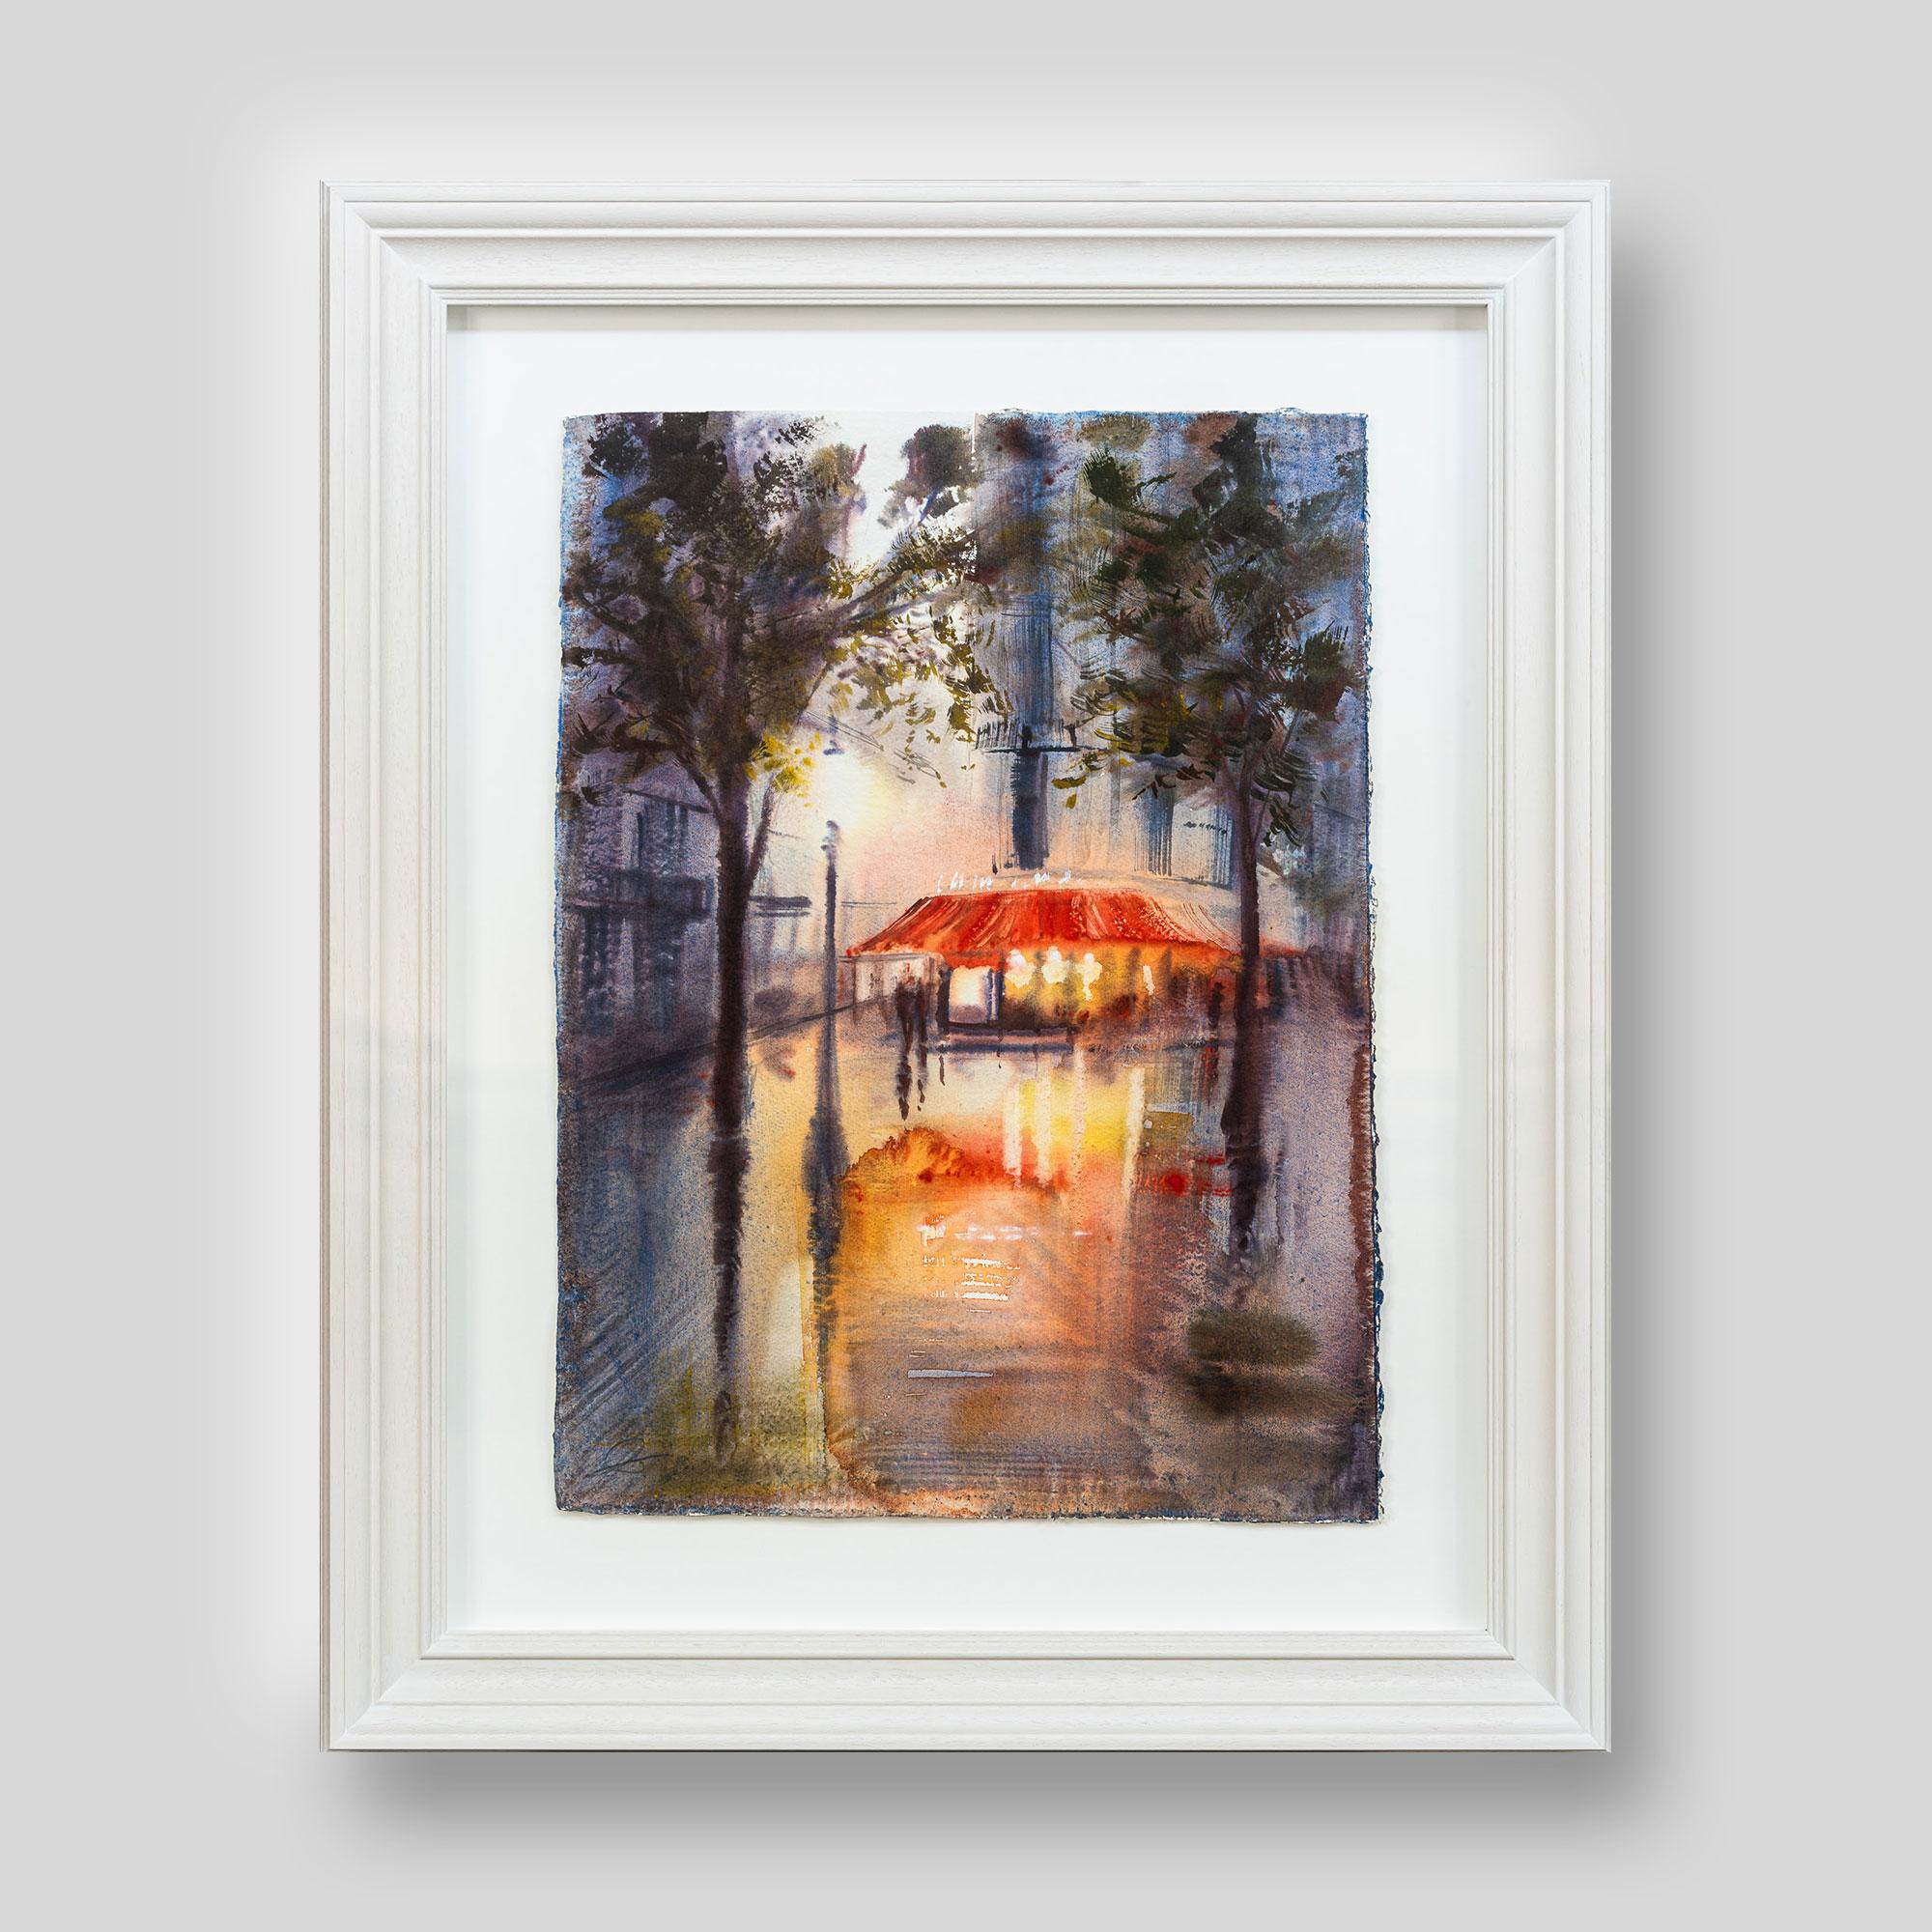 Parisien Calm - Original Paris Café Watercolour Painting by UK Contemporary Cityscape Artist Paul Kenton, from the Watercolour Collection